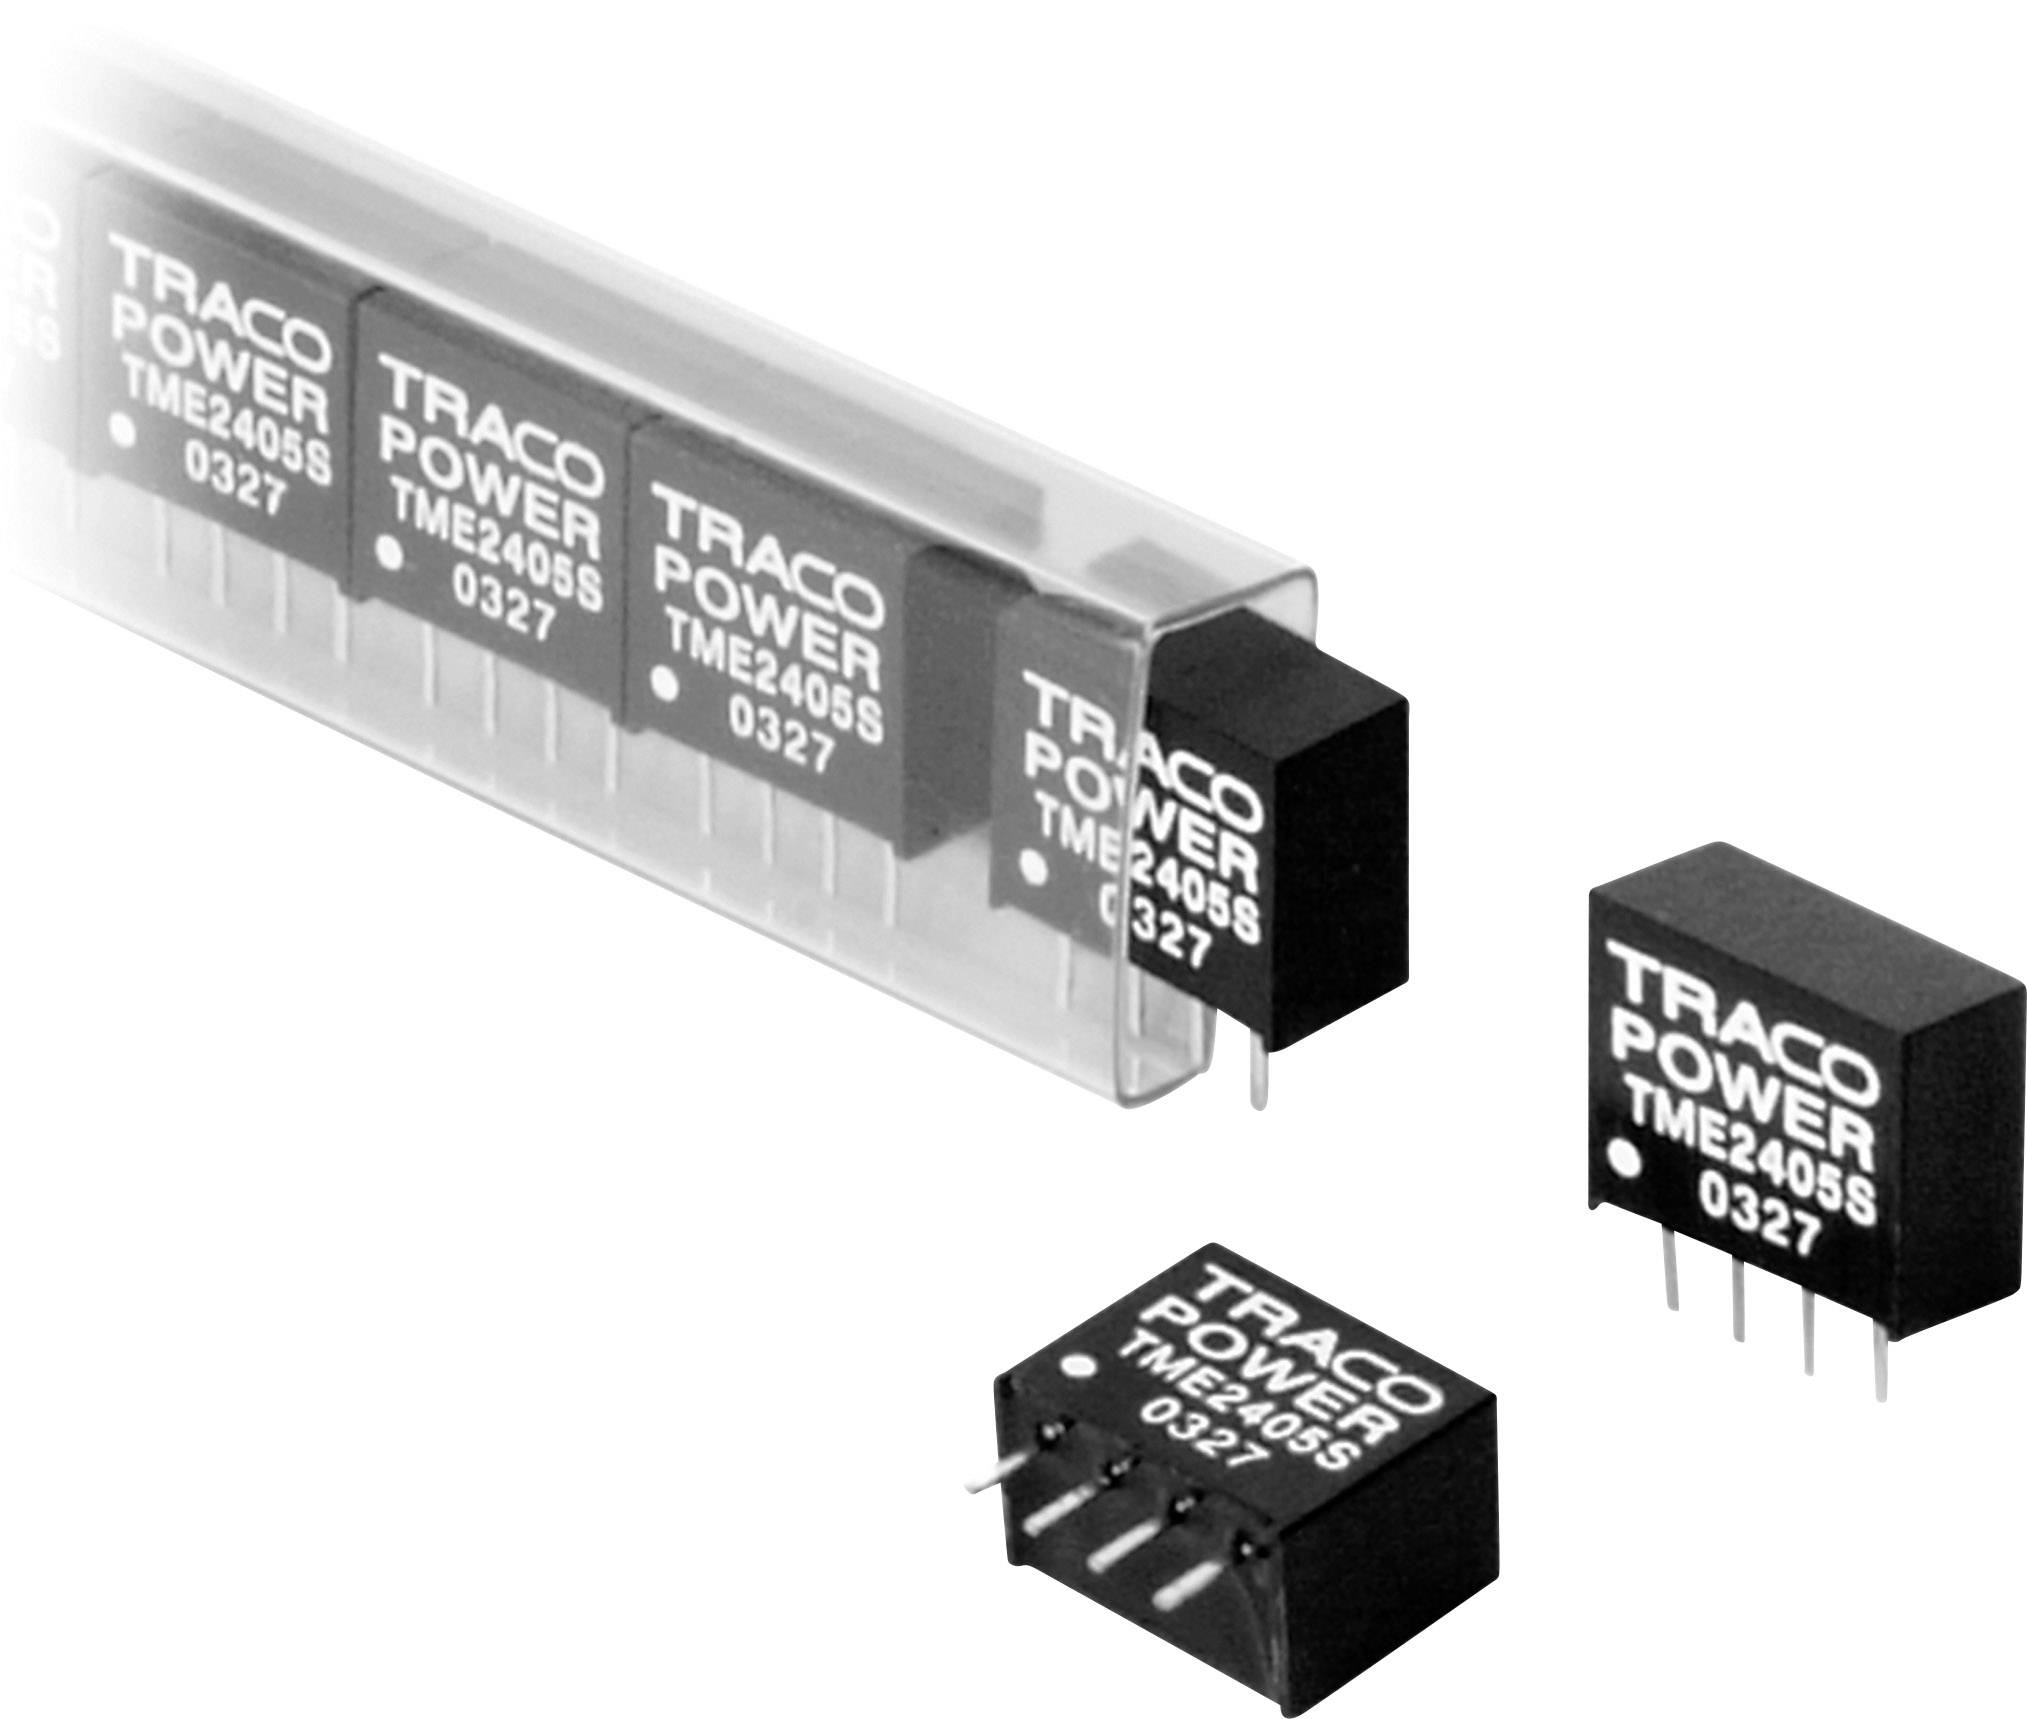 DC/DC měnič TracoPower TME 1205S, vstup (±10 %) 12 V/DC, výstup 5 V/DC, 200 mA, 1 W